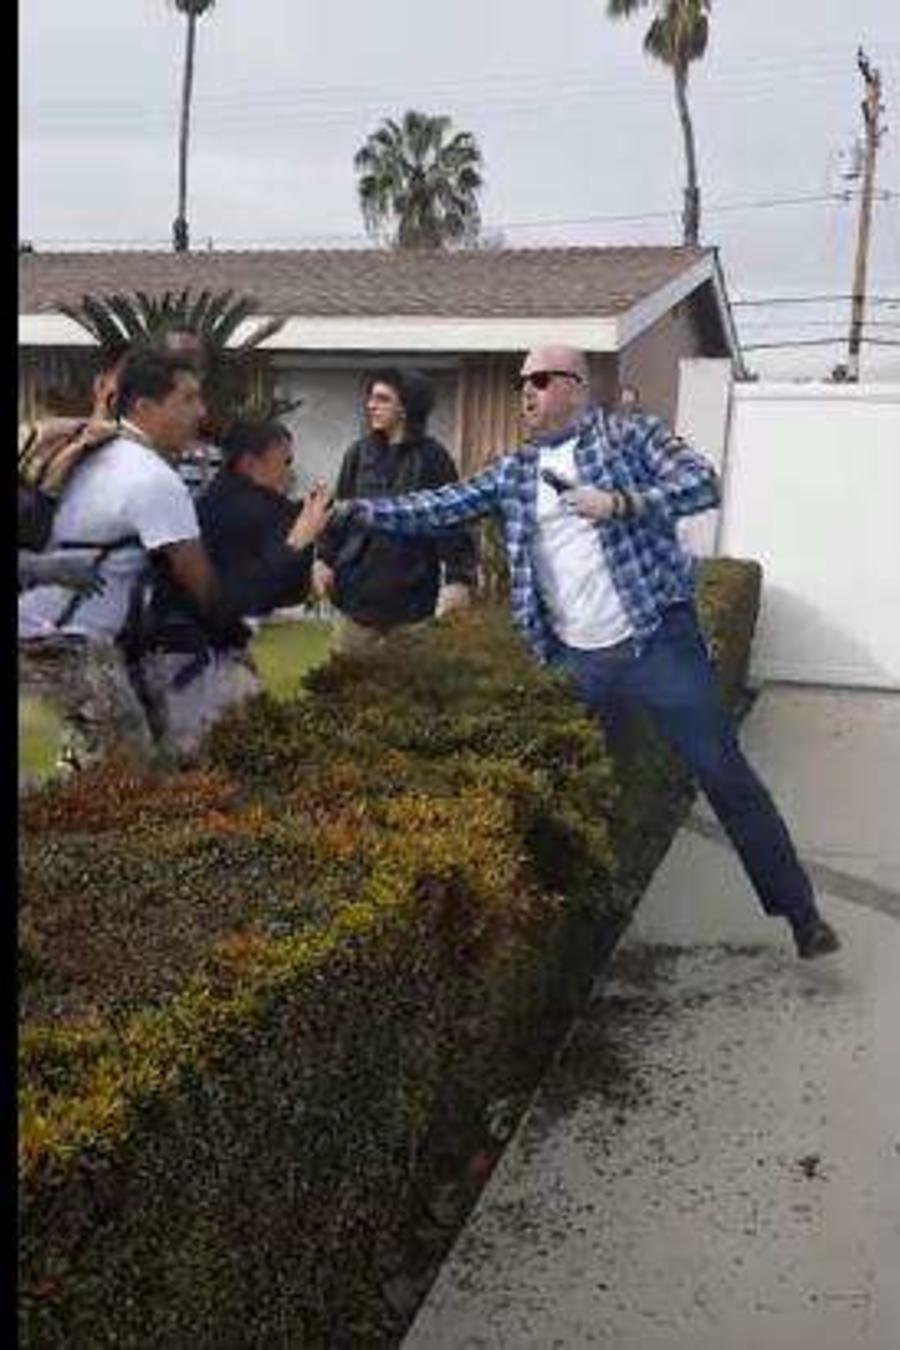 Policía fuera de servicio usa su arma en California